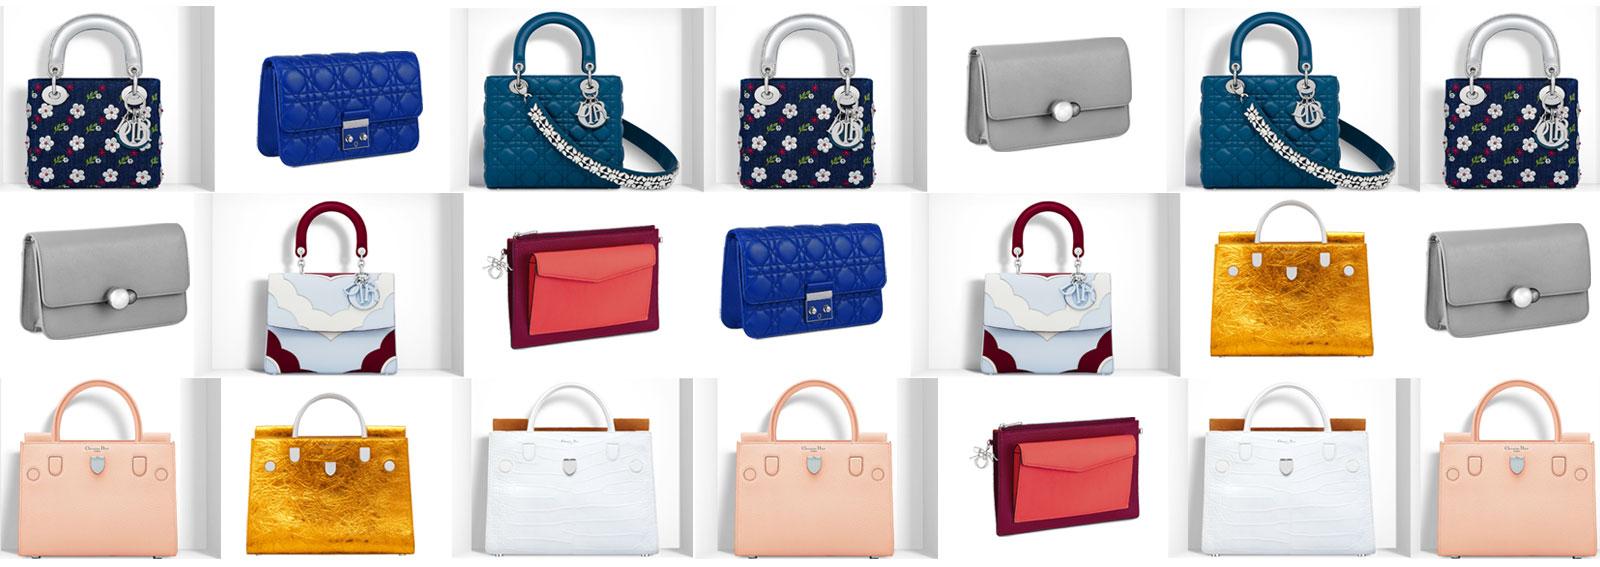 cover dior le borse più glamour dell'estate 2016 dekstop